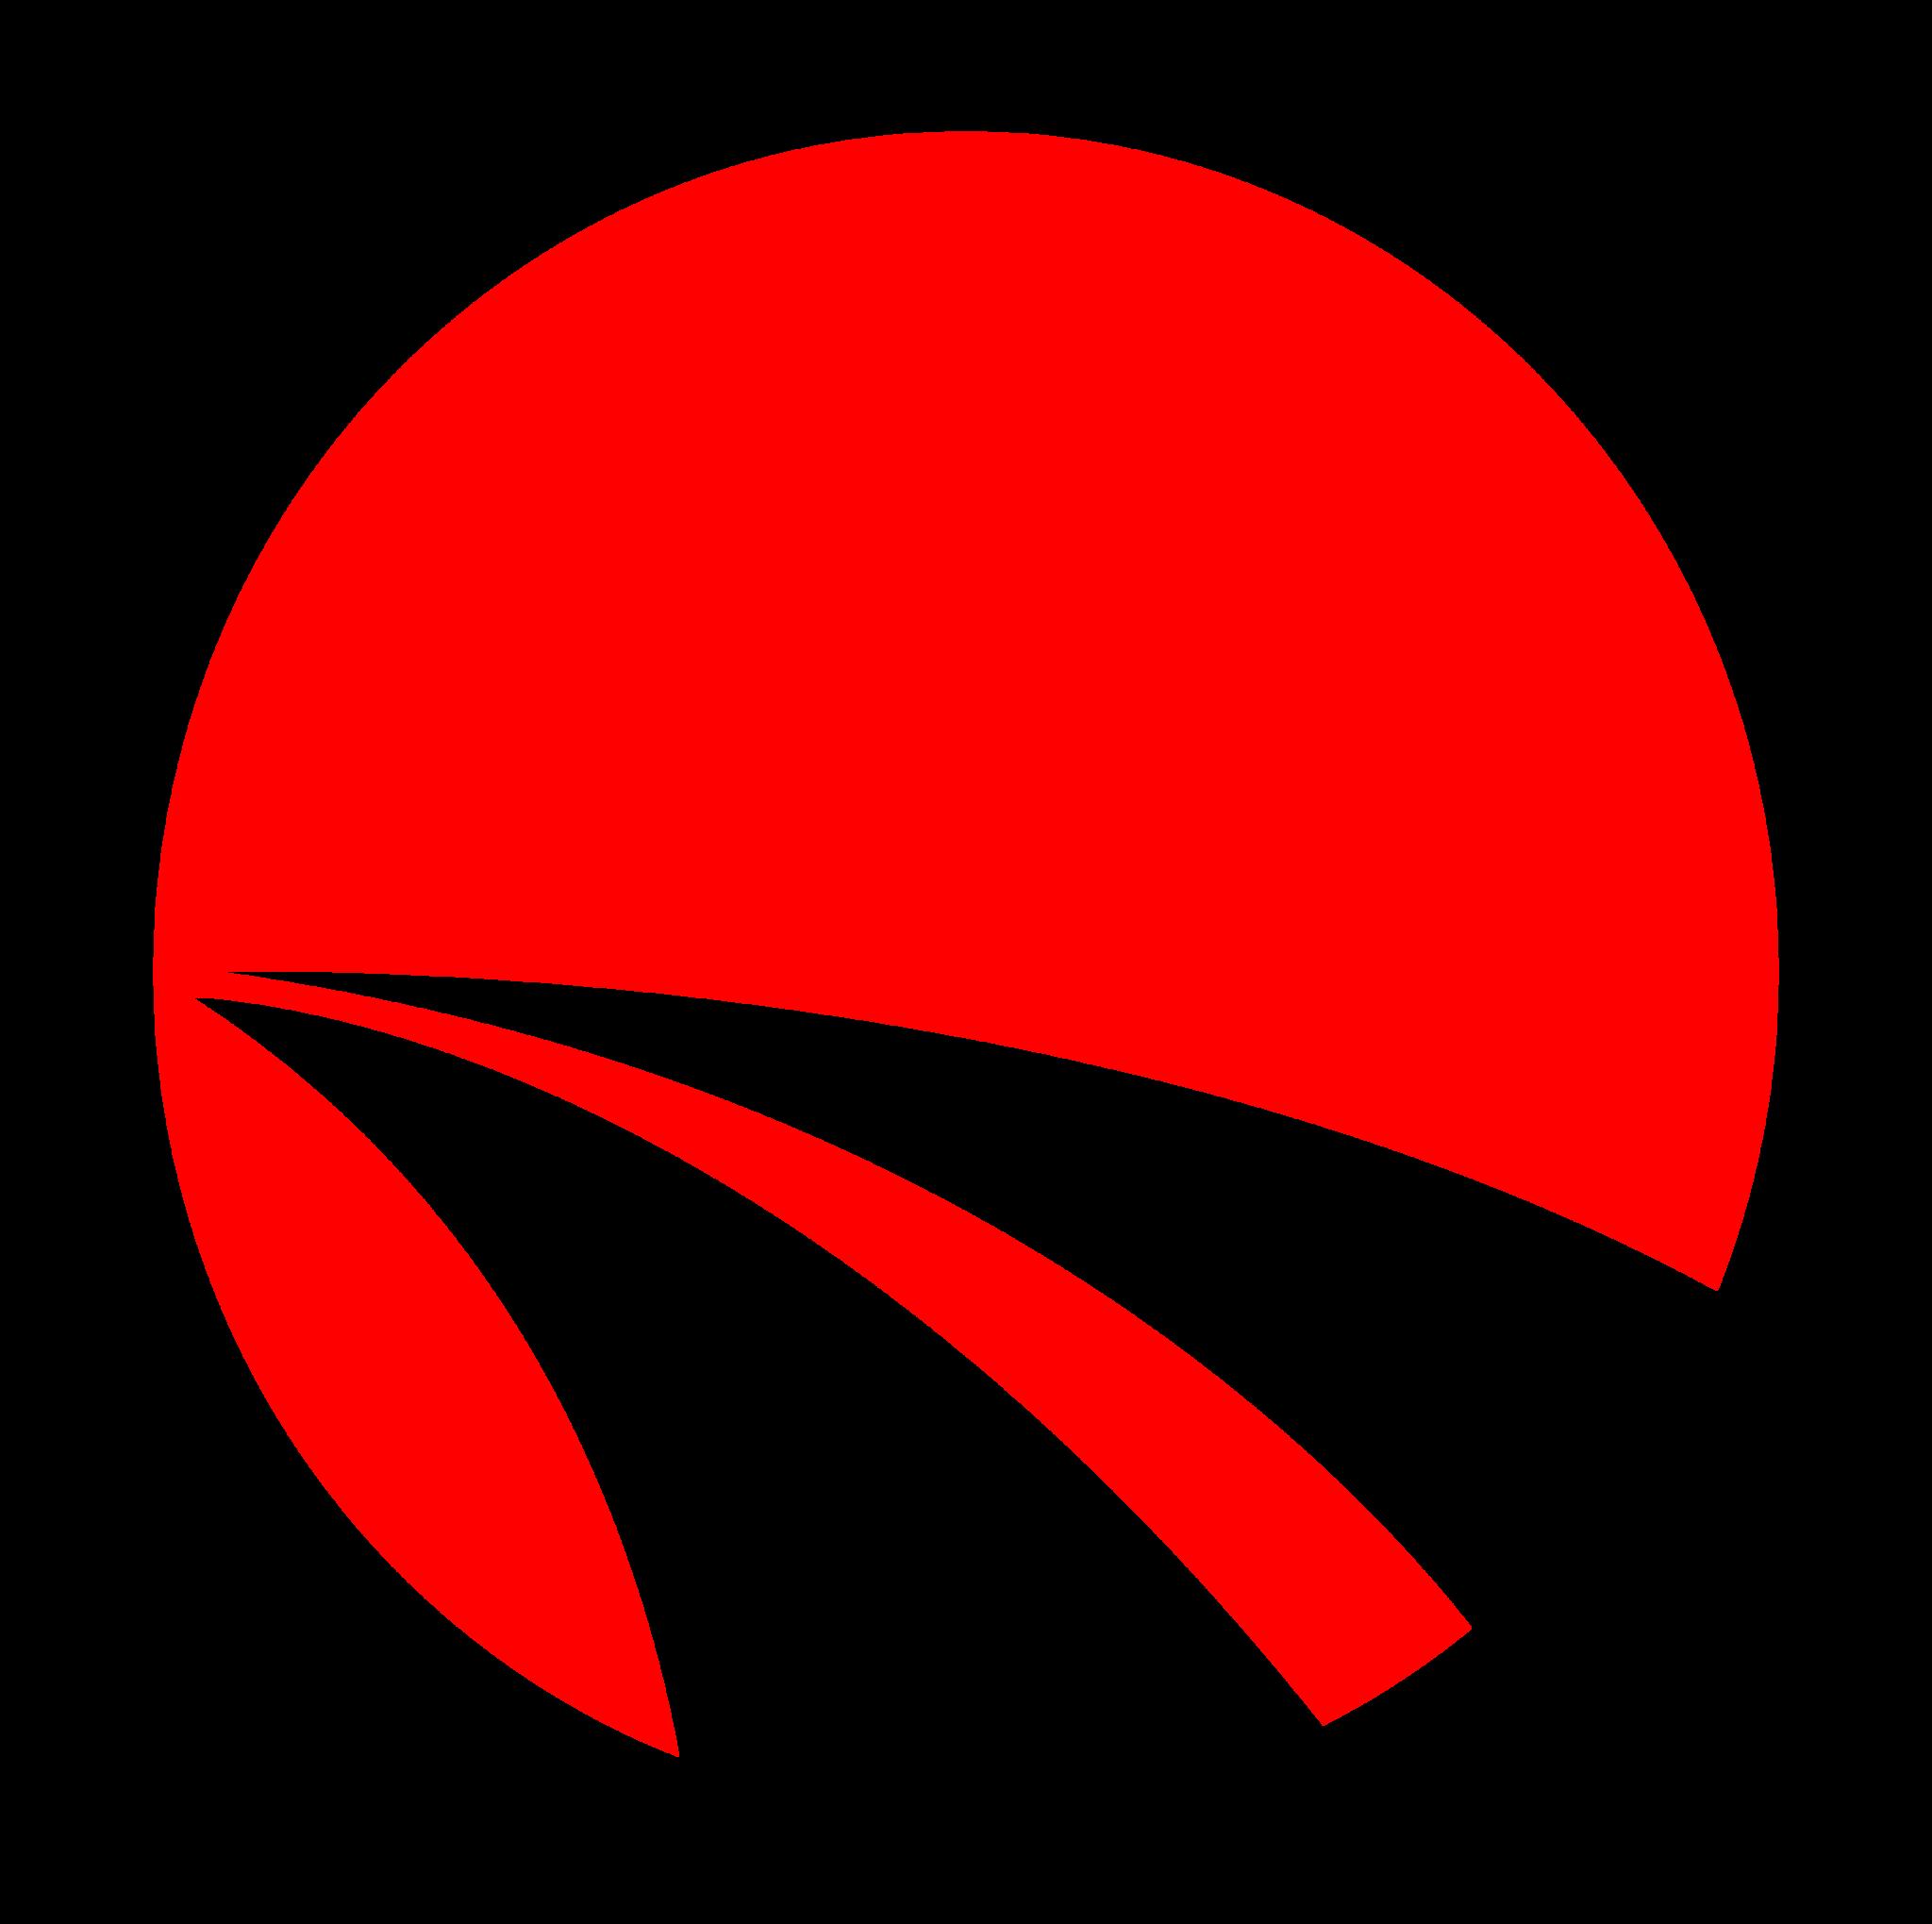 Cesped_logo_redball